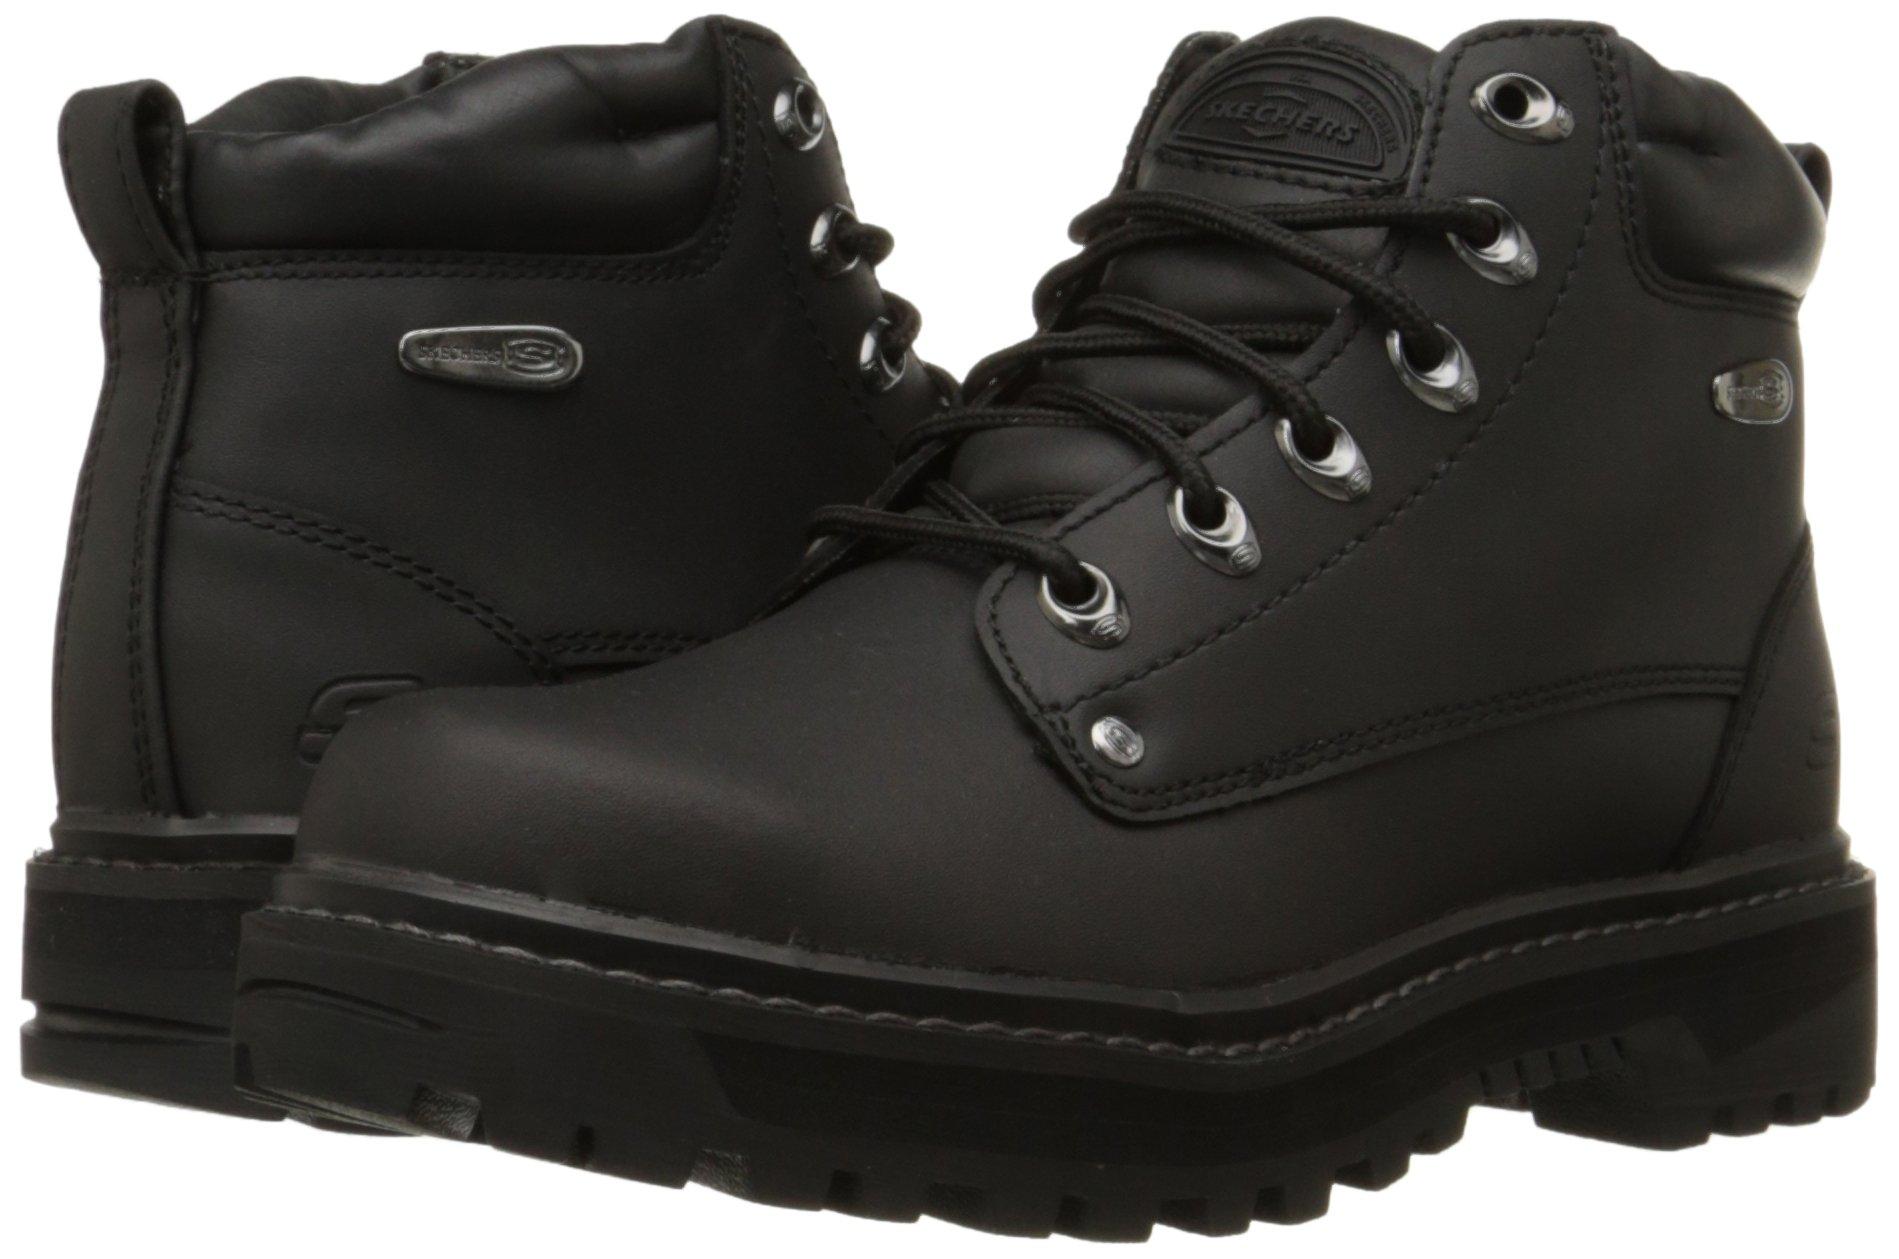 Details about Skechers USA Men's Pilot Utility Boot,Black,7 M US Choose SZcolor